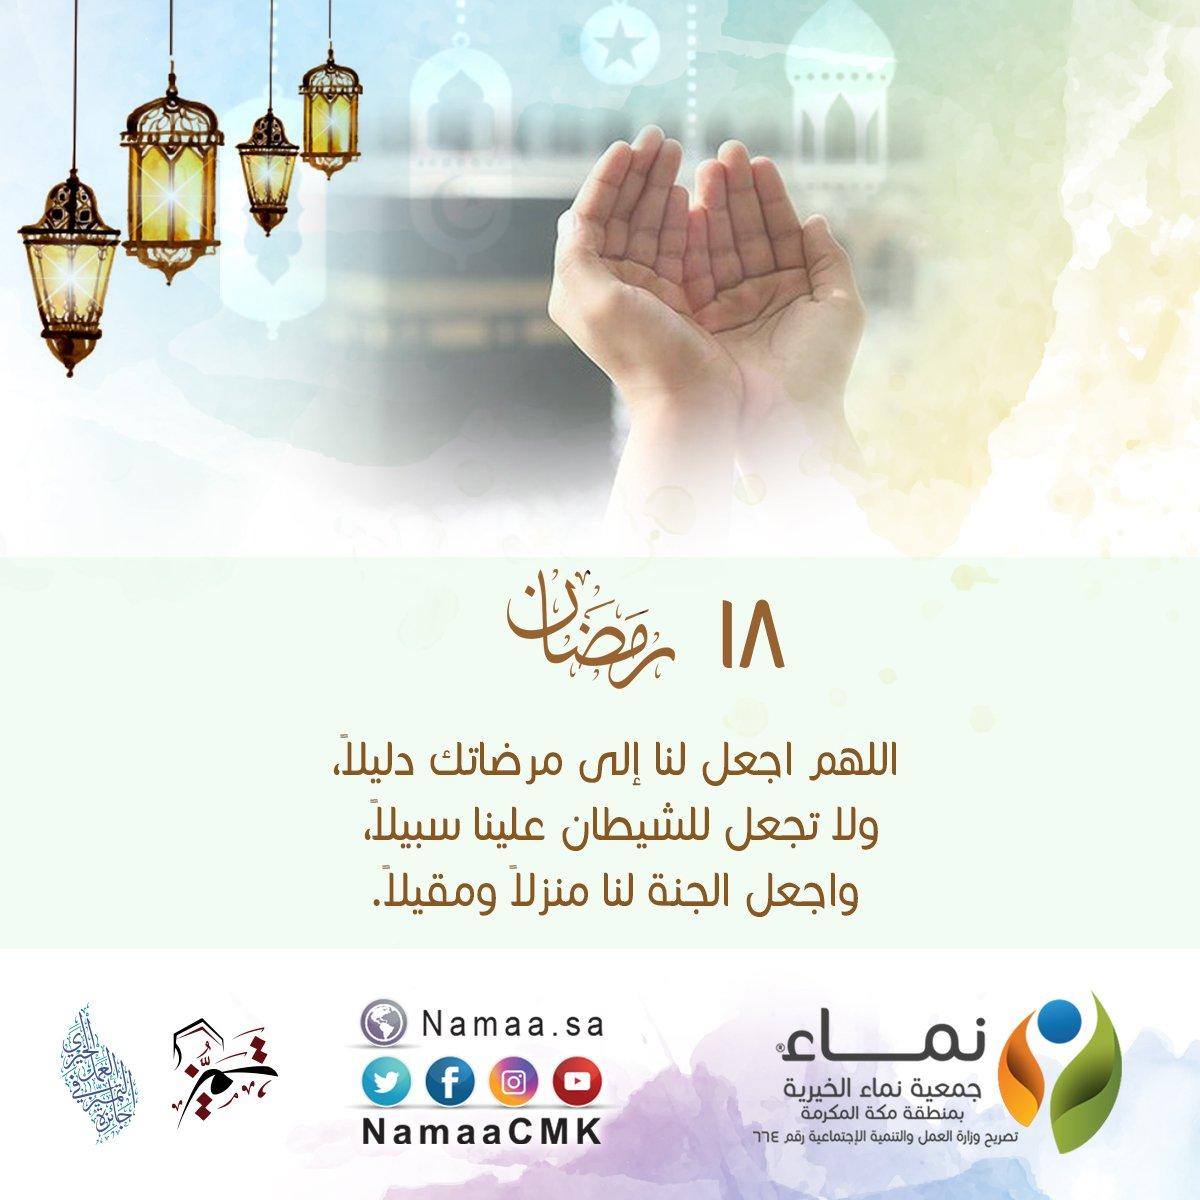 تويتر 18 رمضان